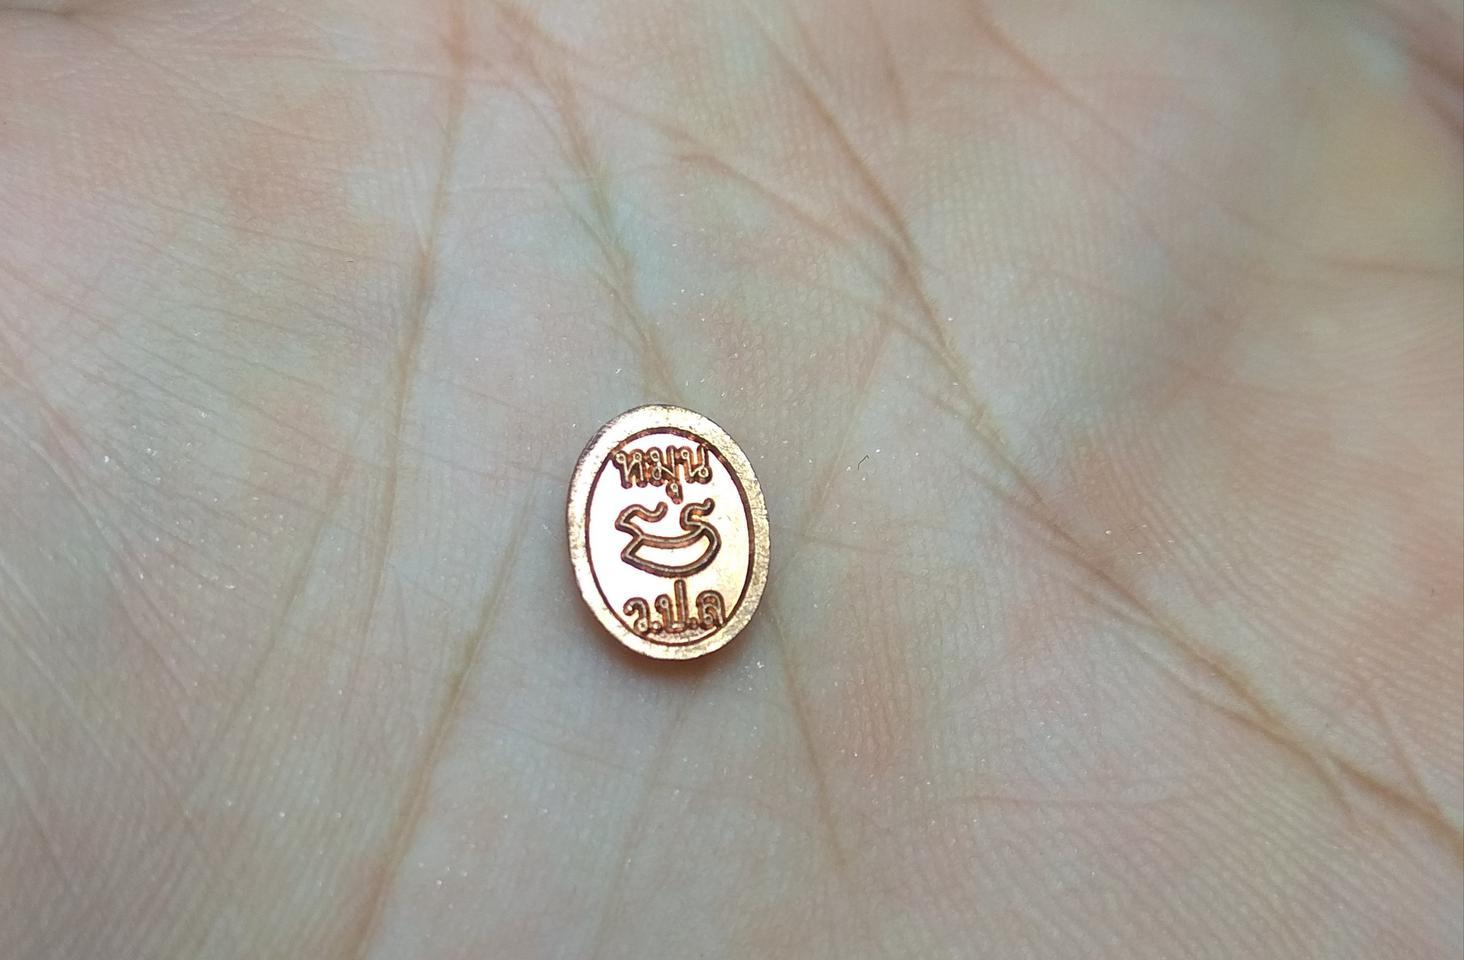 เหรียญเม็ดยาเล็ก วัดป่าหนองหล่ม รุ่นรวยเบิกฟ้า ปี59 รูปที่ 2